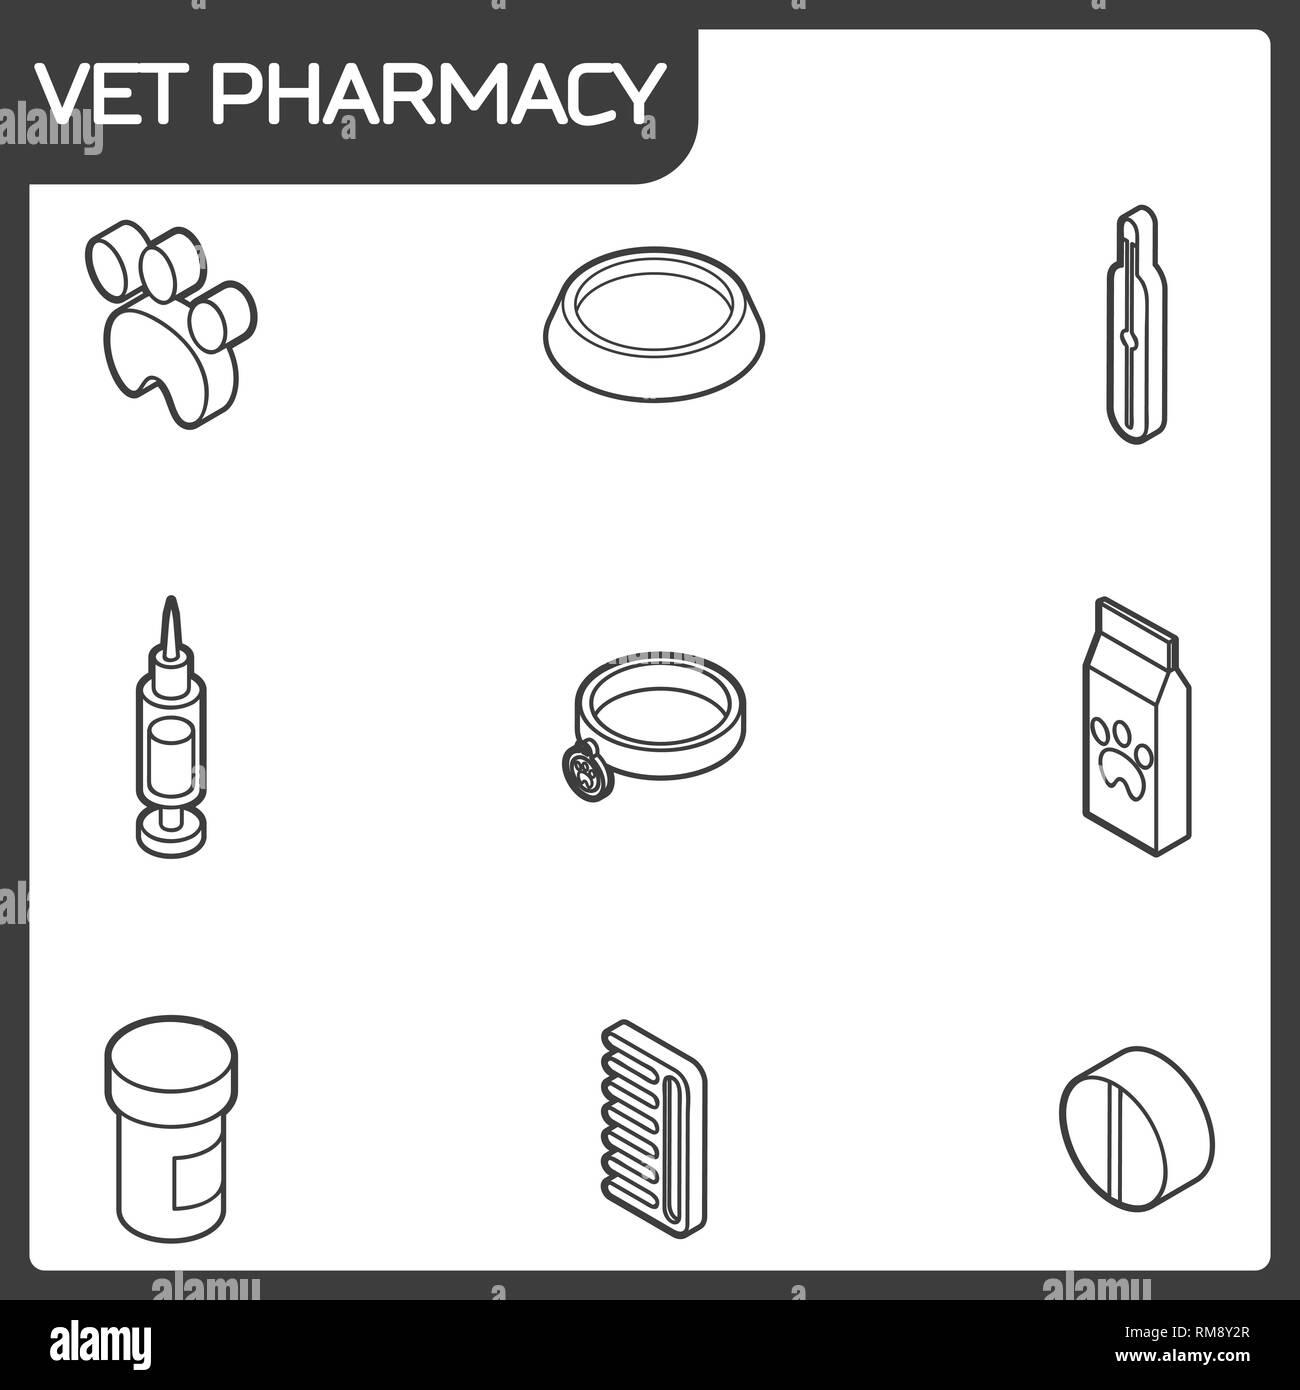 Vet pharmacy outline isometric icons. Vector illustration, EPS 10 - Stock Vector